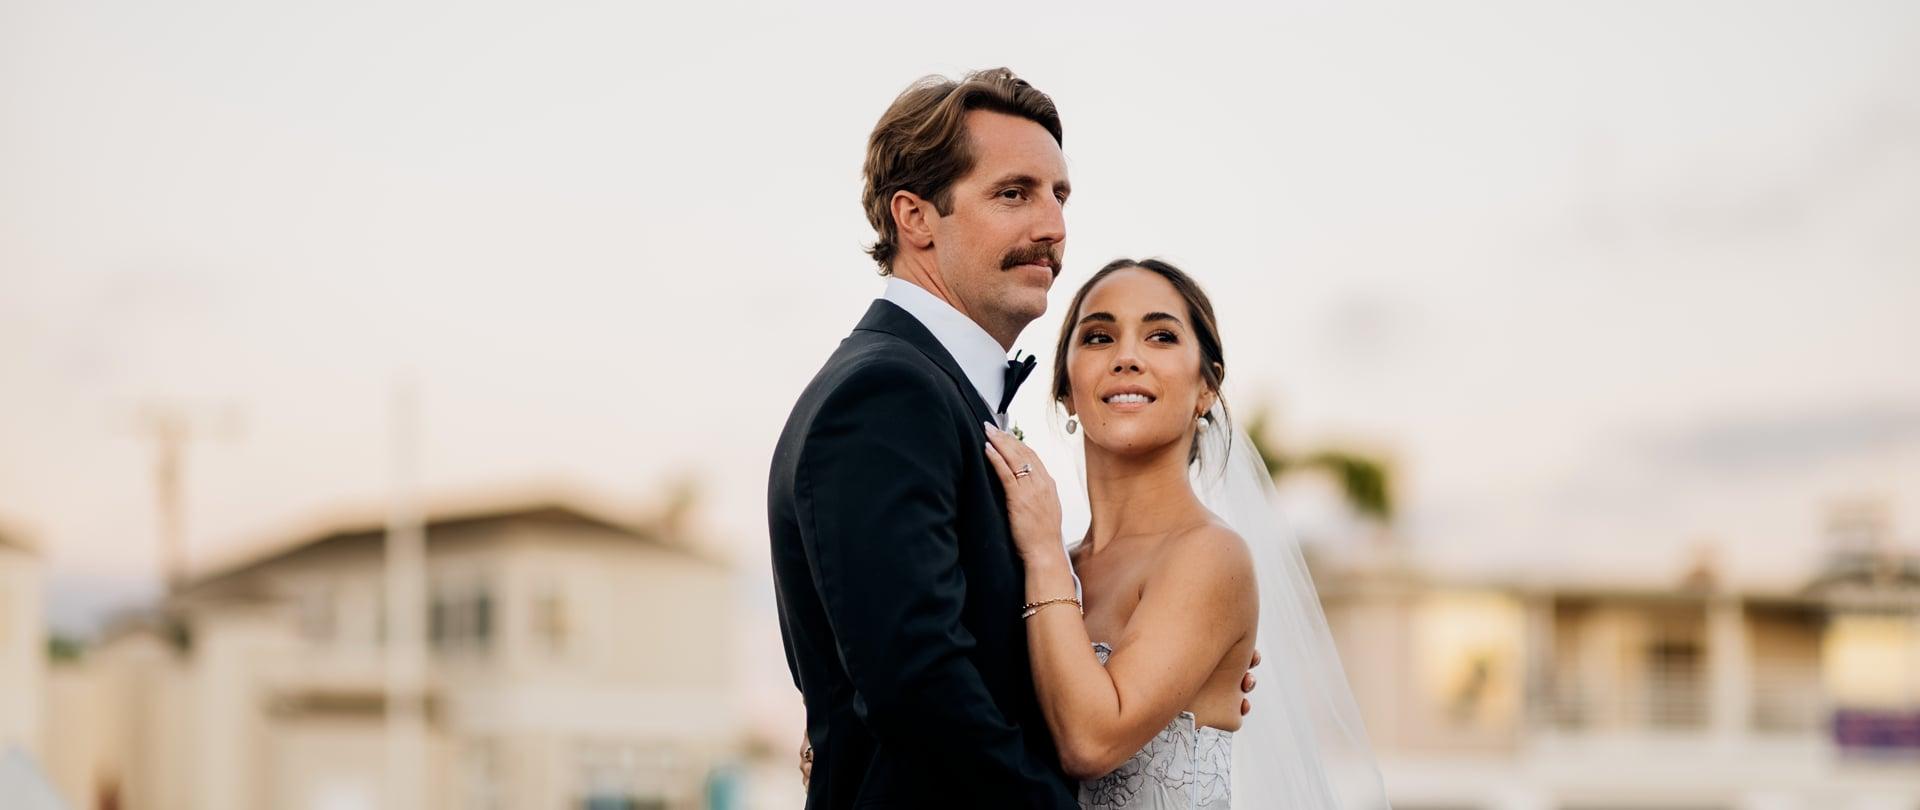 Vanessa & Justin Wedding Video Filmed at California, United States